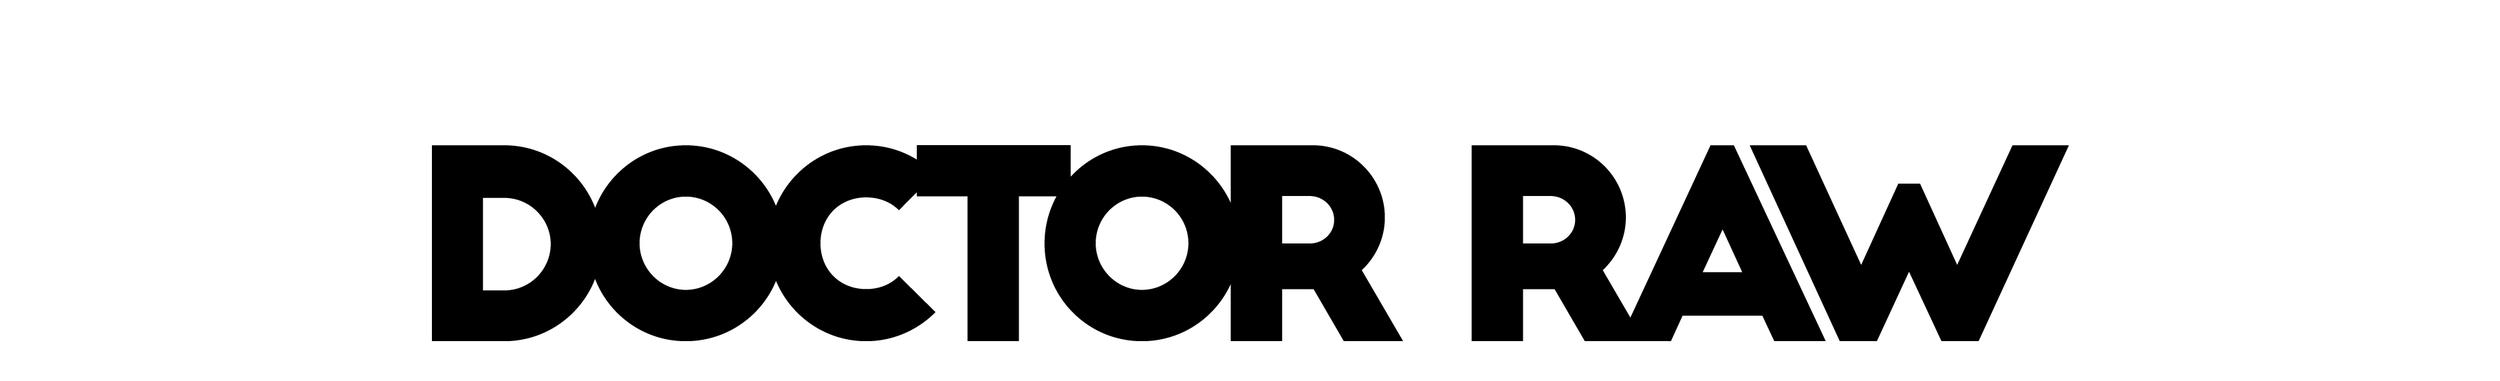 logo_rawnews.png